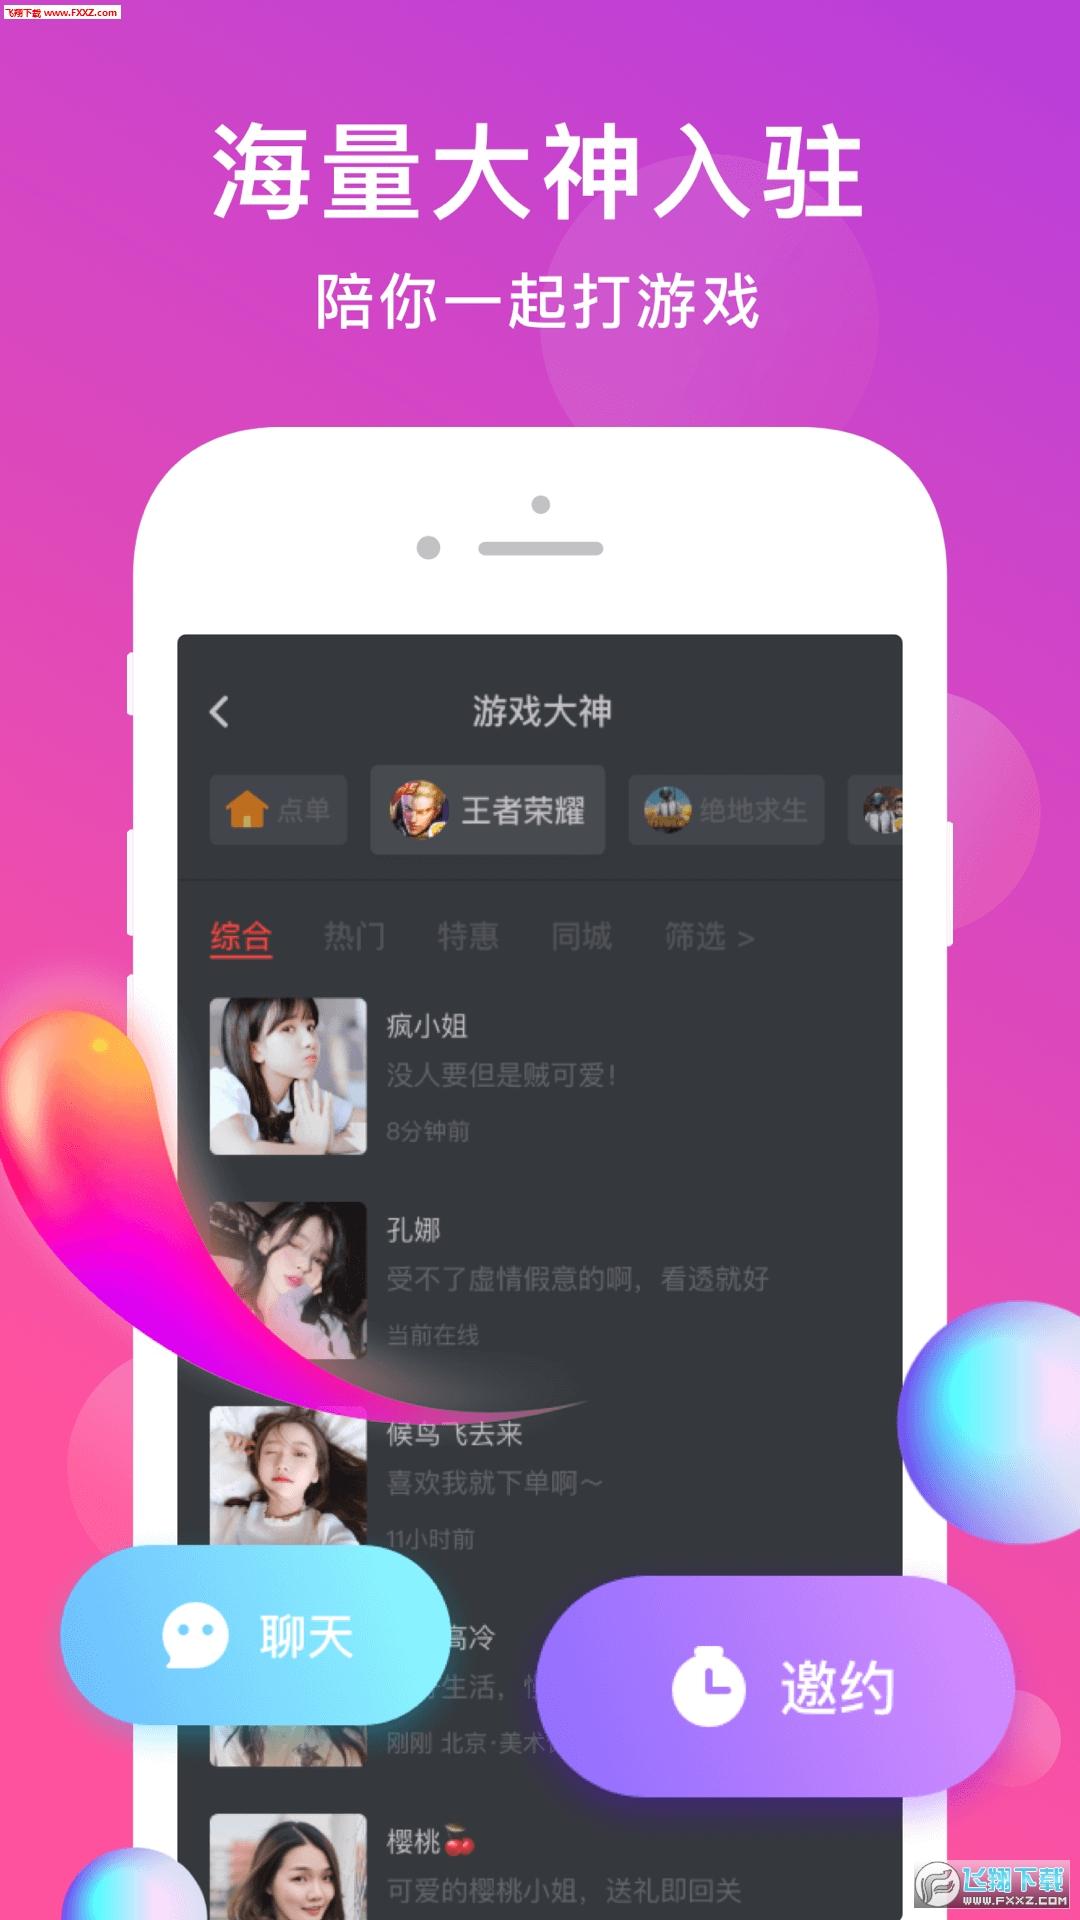 皮队友app最新版1.0.1.0截图1